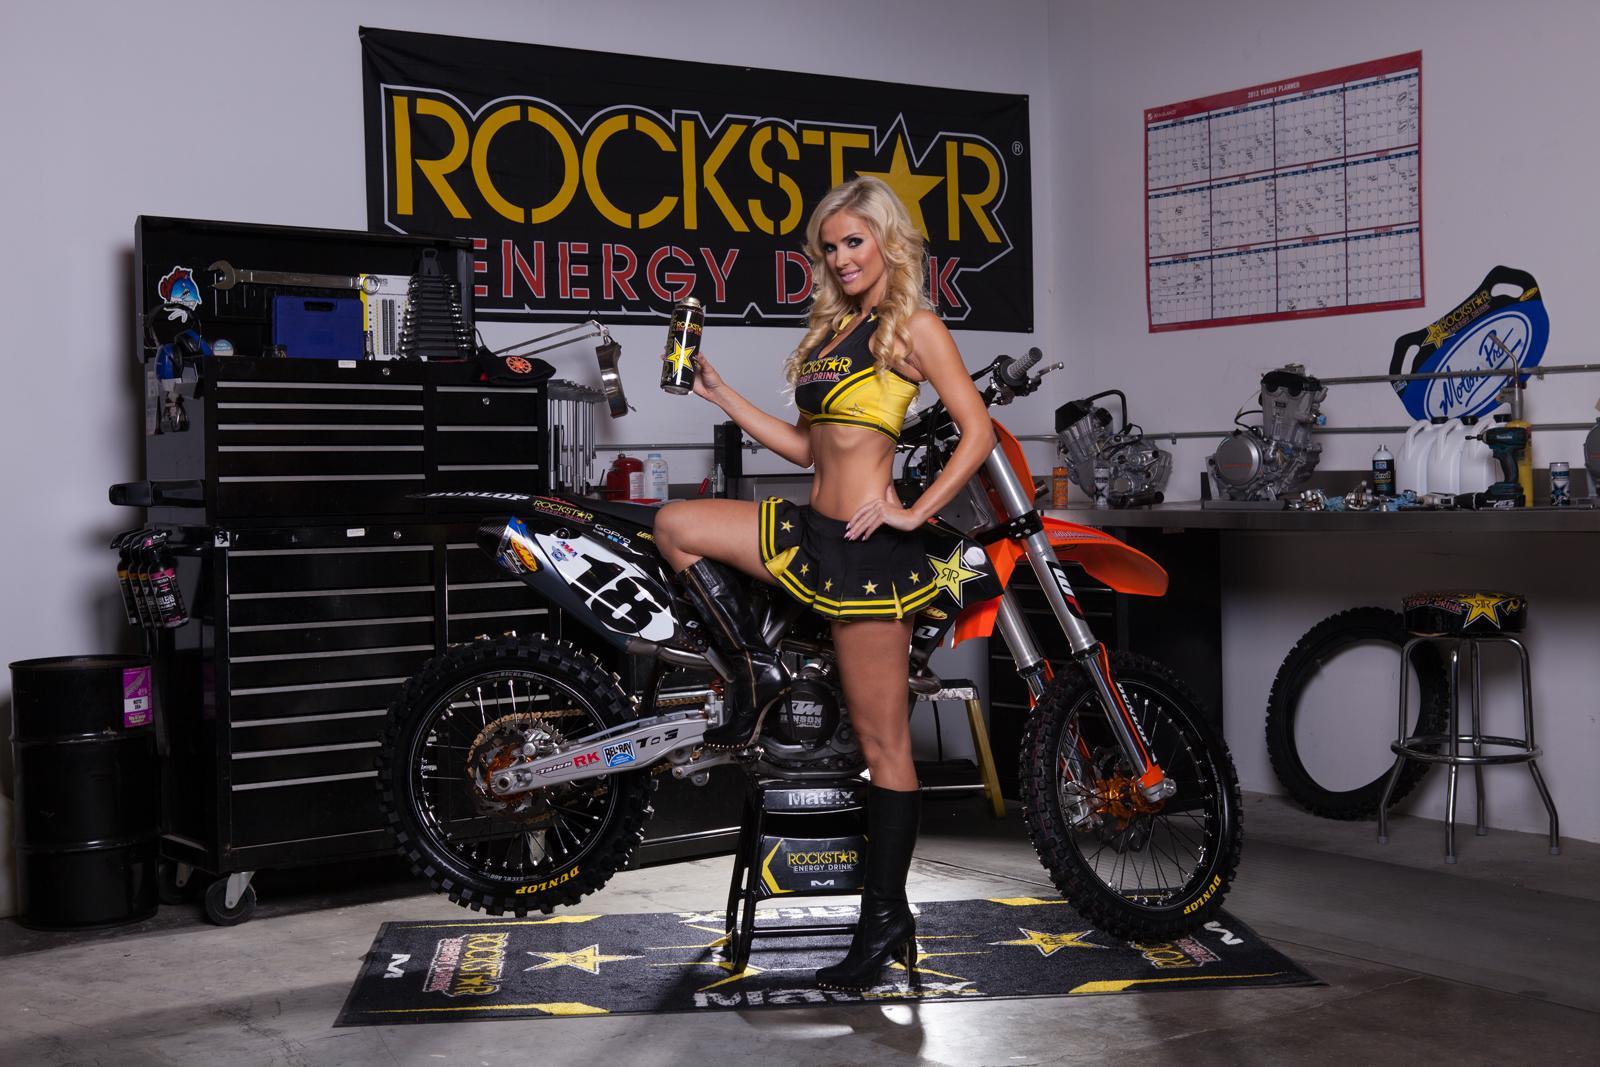 Leanna Bartlett :: Rock Star Energy Drinks